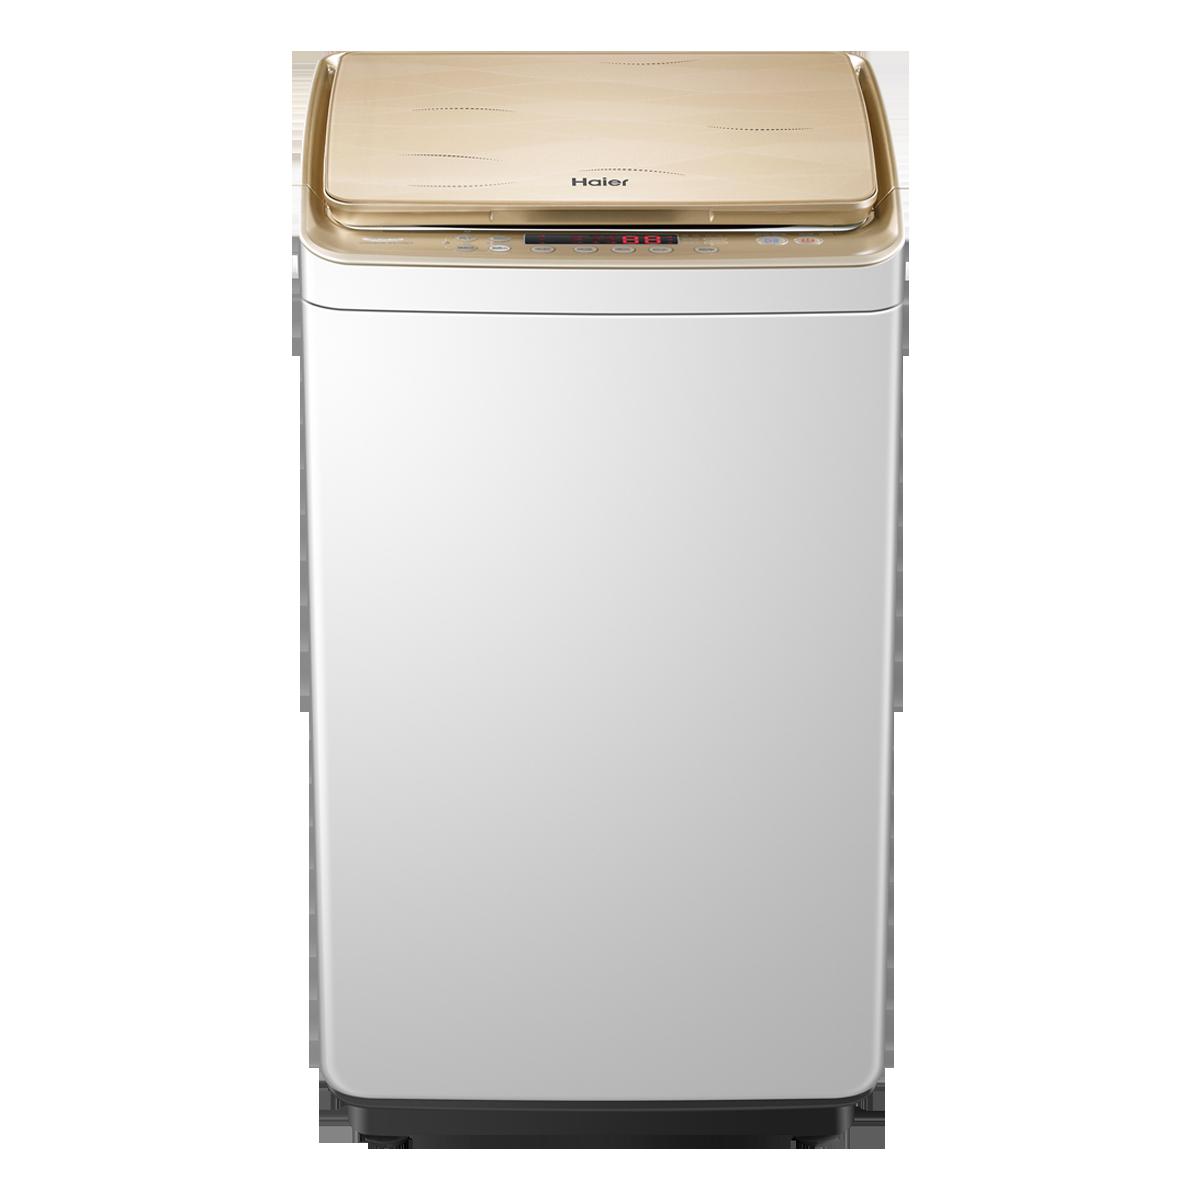 海尔Haier洗衣机 XQBM30-R818MY 说明书